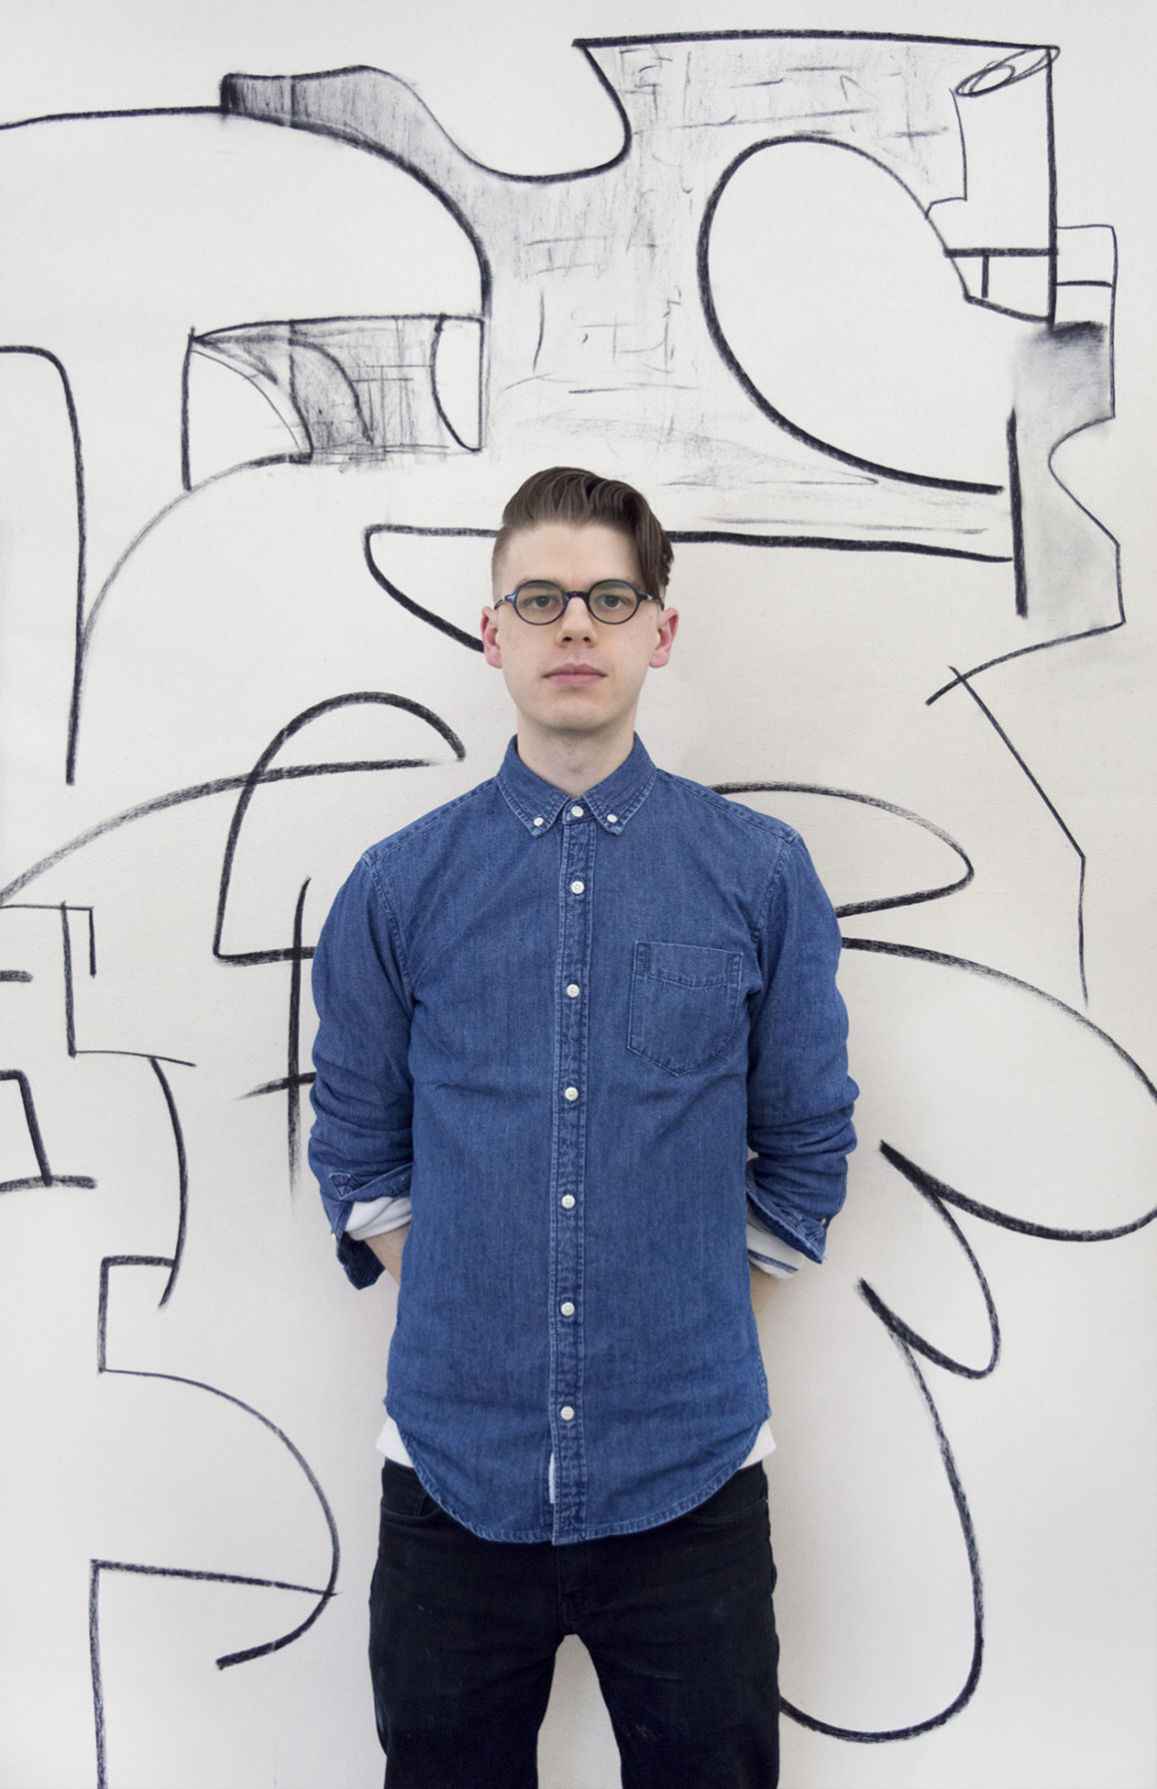 Jon Rollins, artist